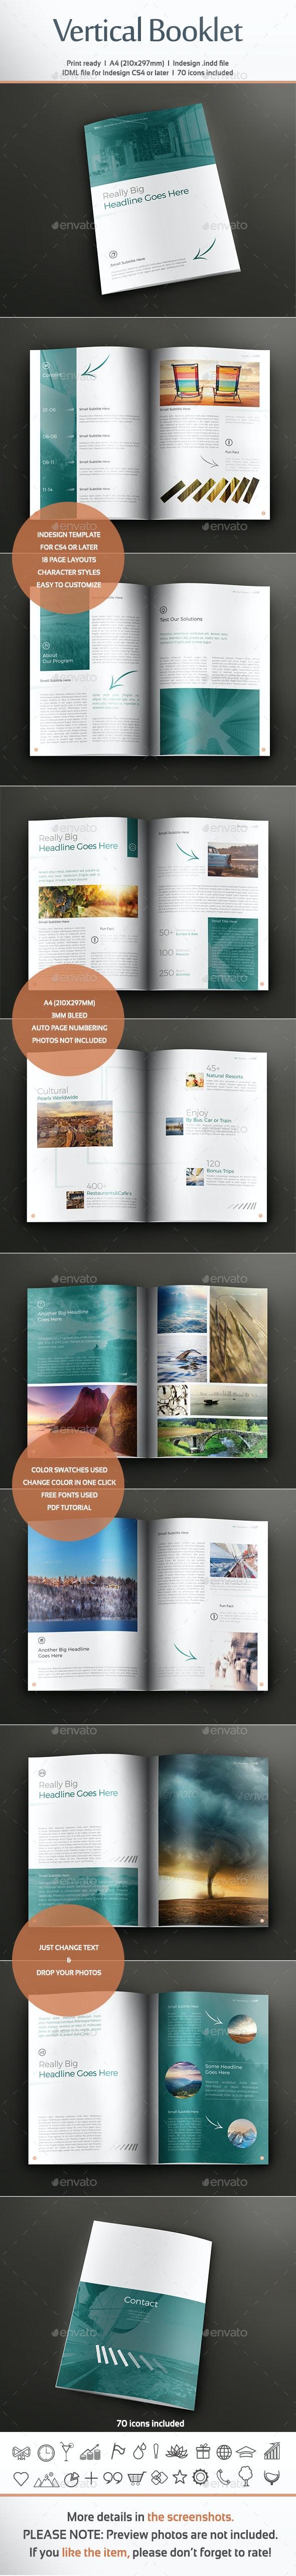 Vertical Booklet - Corporate Brochures